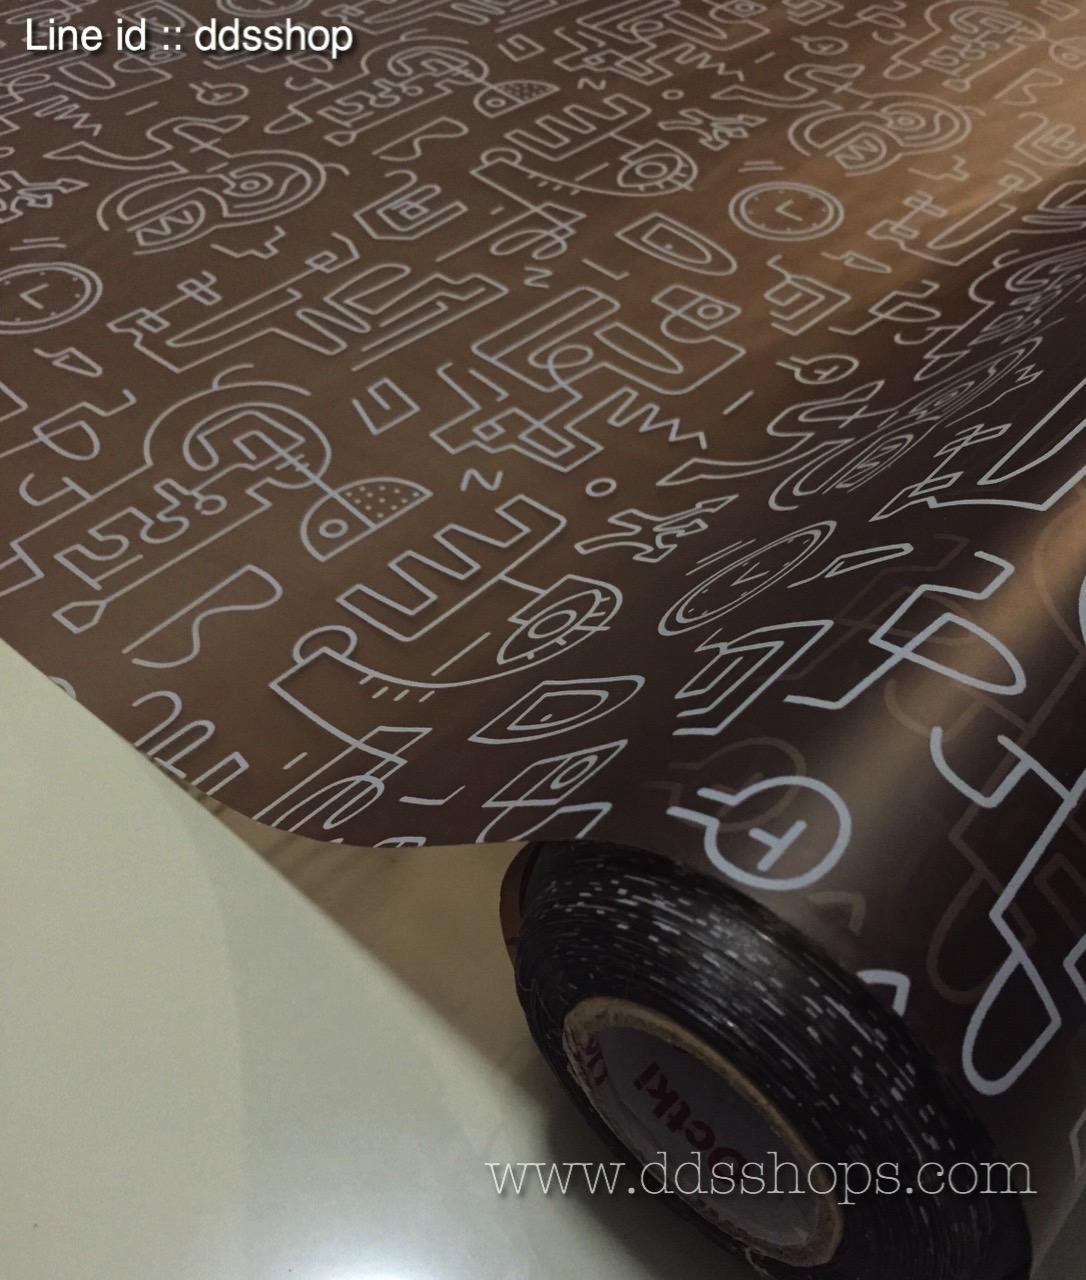 """สติ๊กเกอร์ติดกระจกแบบมีกาวในตัว """"Brown and White Alphabet"""" หน้ากว้าง 90 cm ตัดแบ่งขายเมตรละ 189 บาท (ขั้นต่ำ 3m)"""